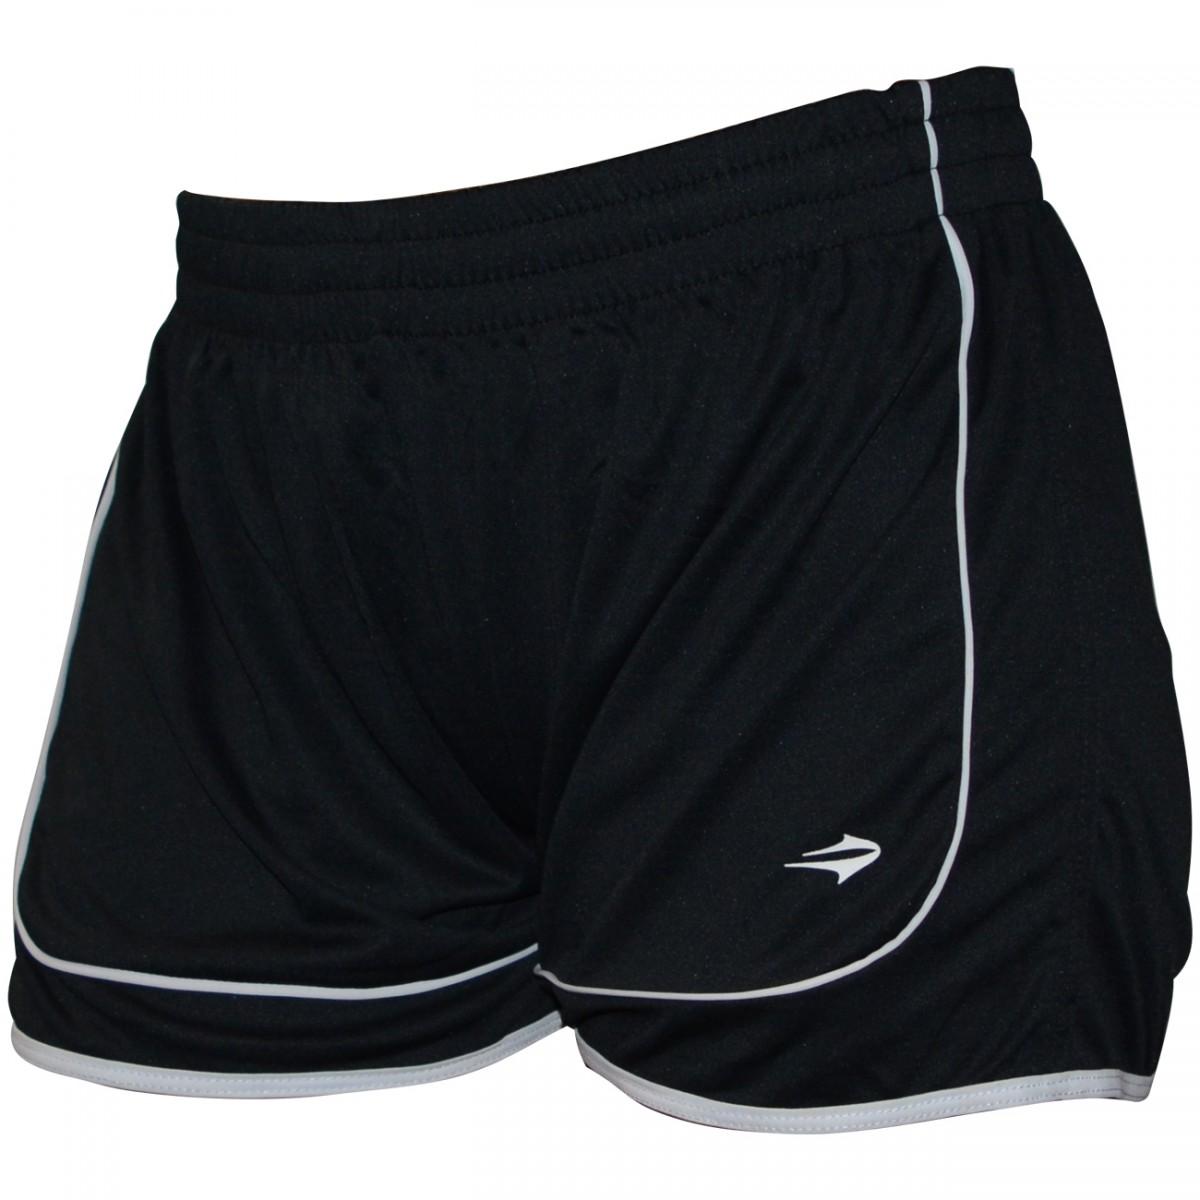 19a77e8e6f Calção Topper Futebol Feminino 4131895 133 - Preto Branco - Chuteira Nike